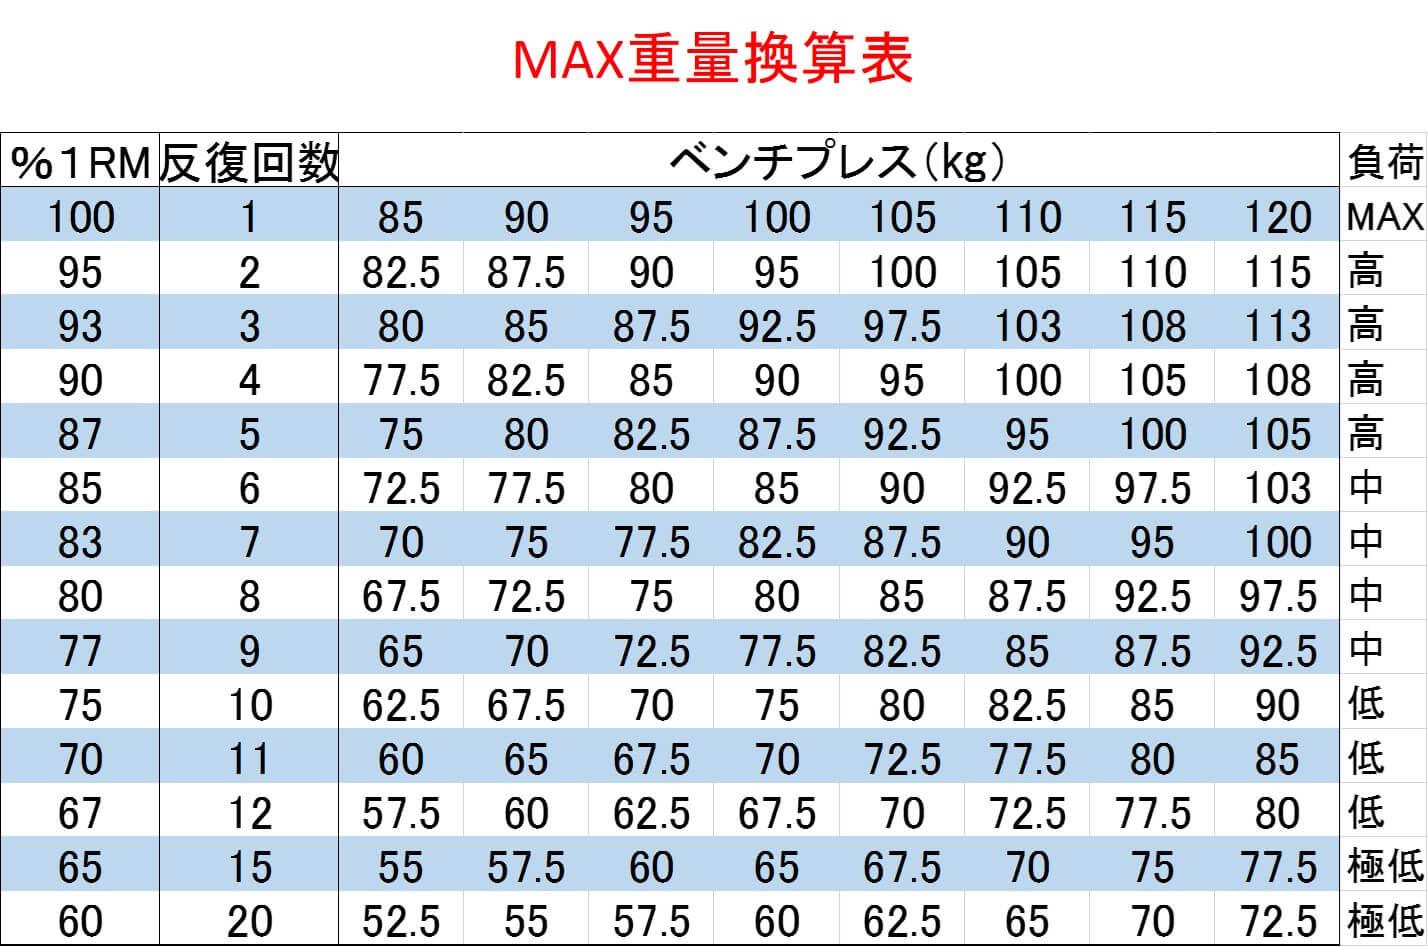 【ベンチプレス】筋トレに必ず必要な「MAX重量換算表」